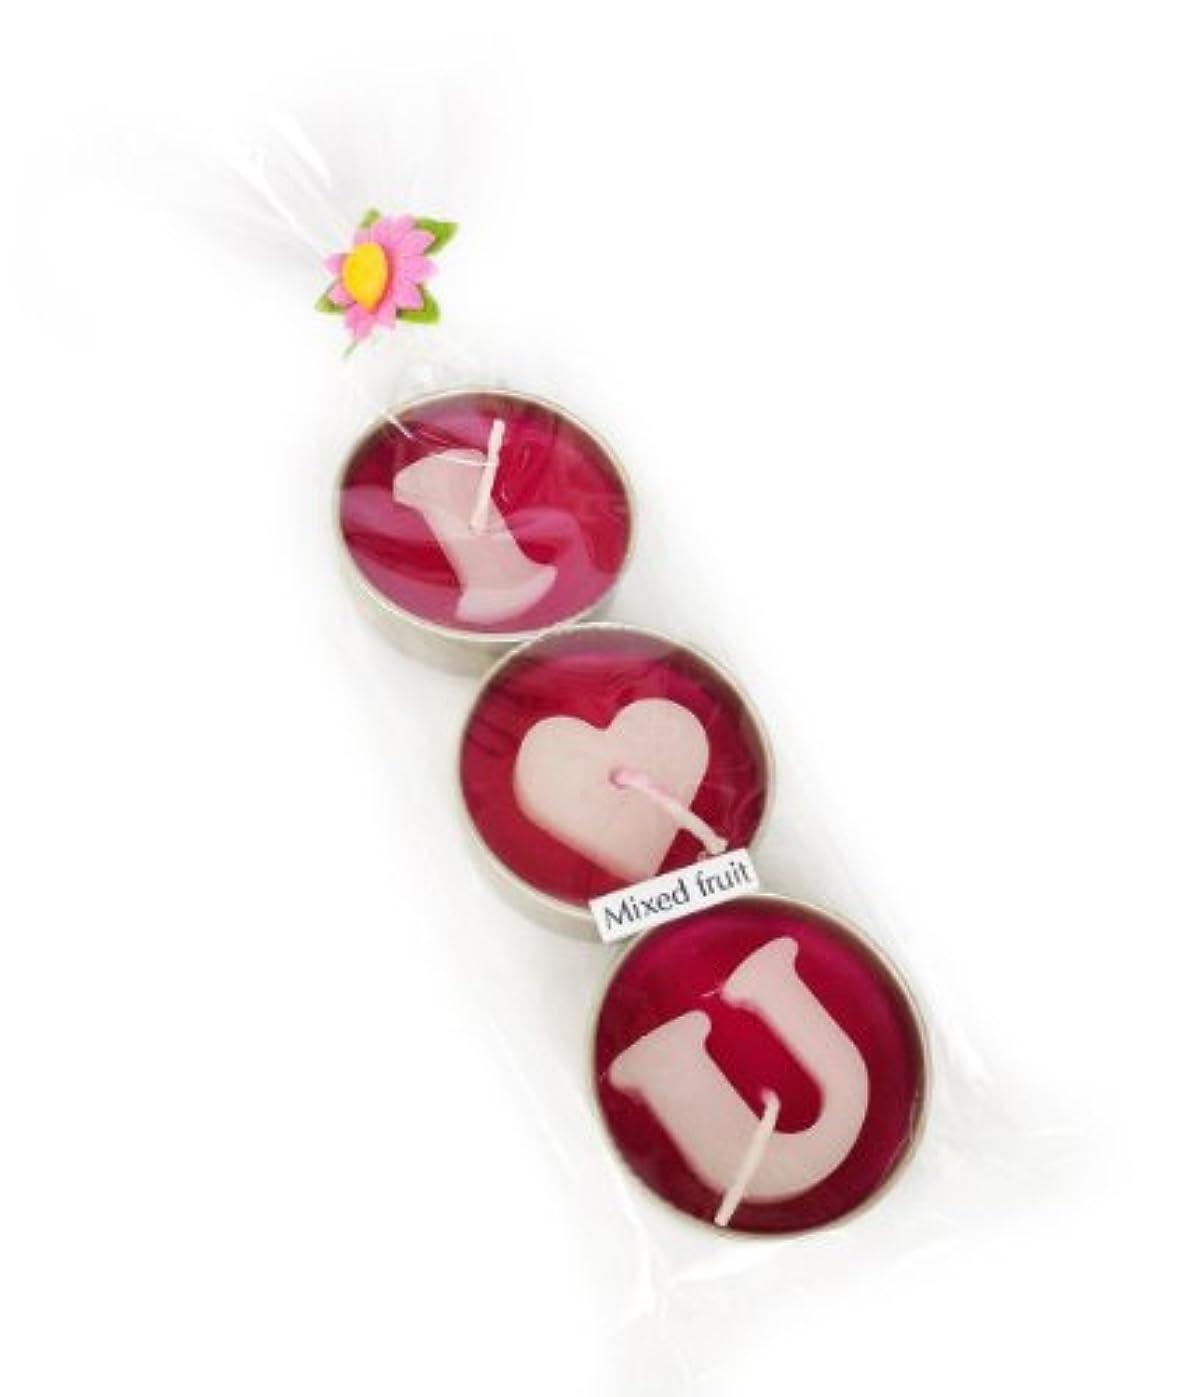 クスコむさぼり食う不格好アロマキャンドル/ラブキャンドル/ILoveU/モーク/ロウソク/ろうそ/1パック3個入り/(1Pack  3pc I love U Candle) (Mixed Fruit)